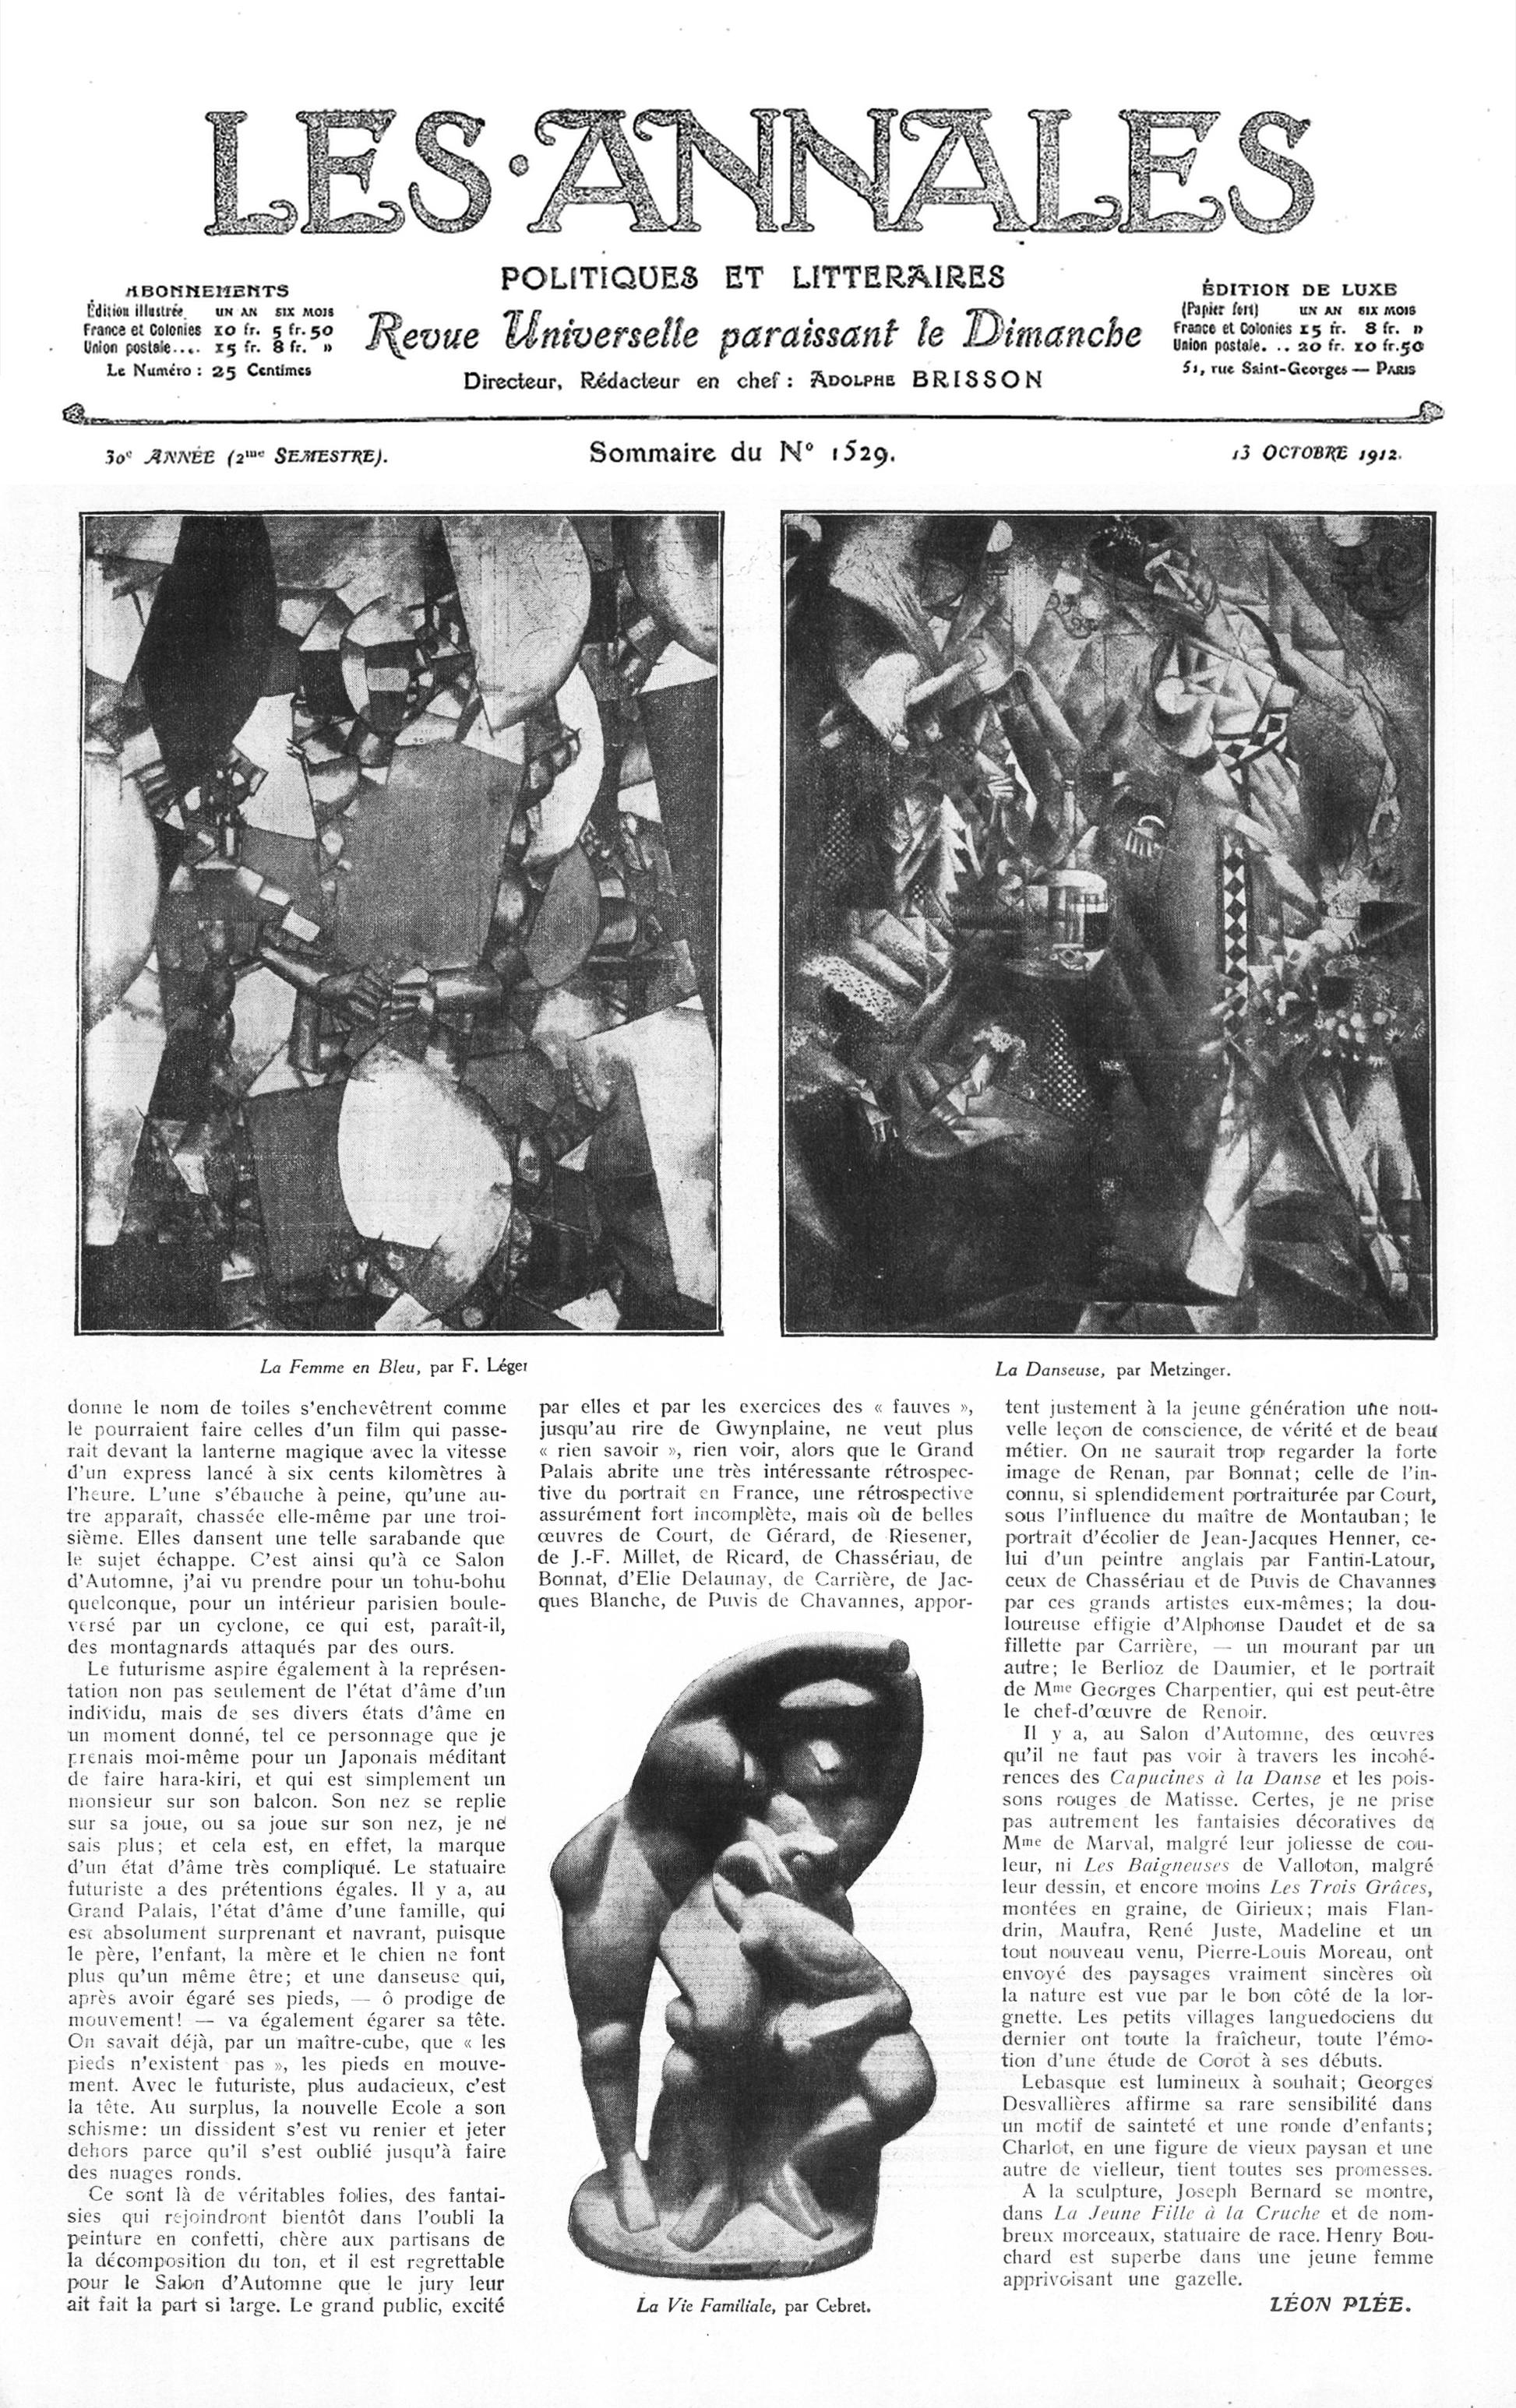 Fernand Léger Wikipedia